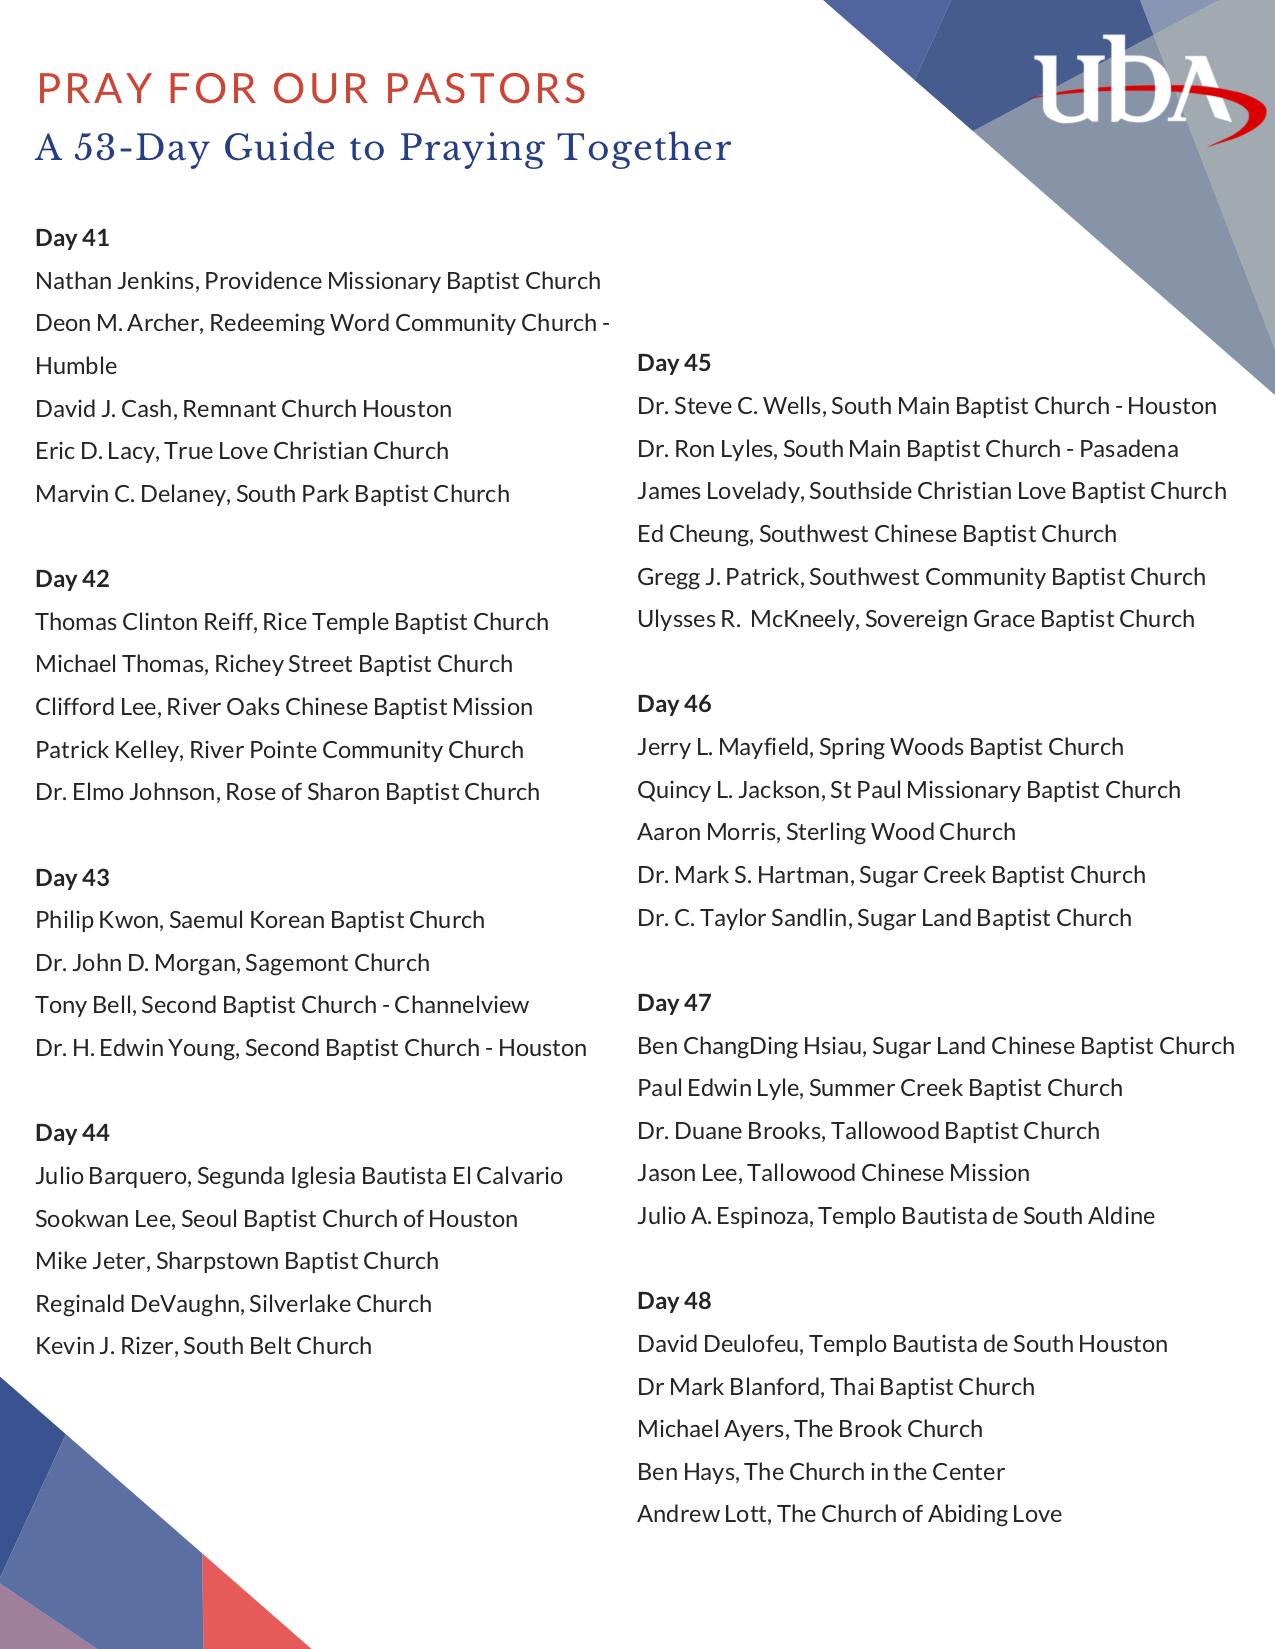 UBA Pastors Prayer Guide PNG6.png